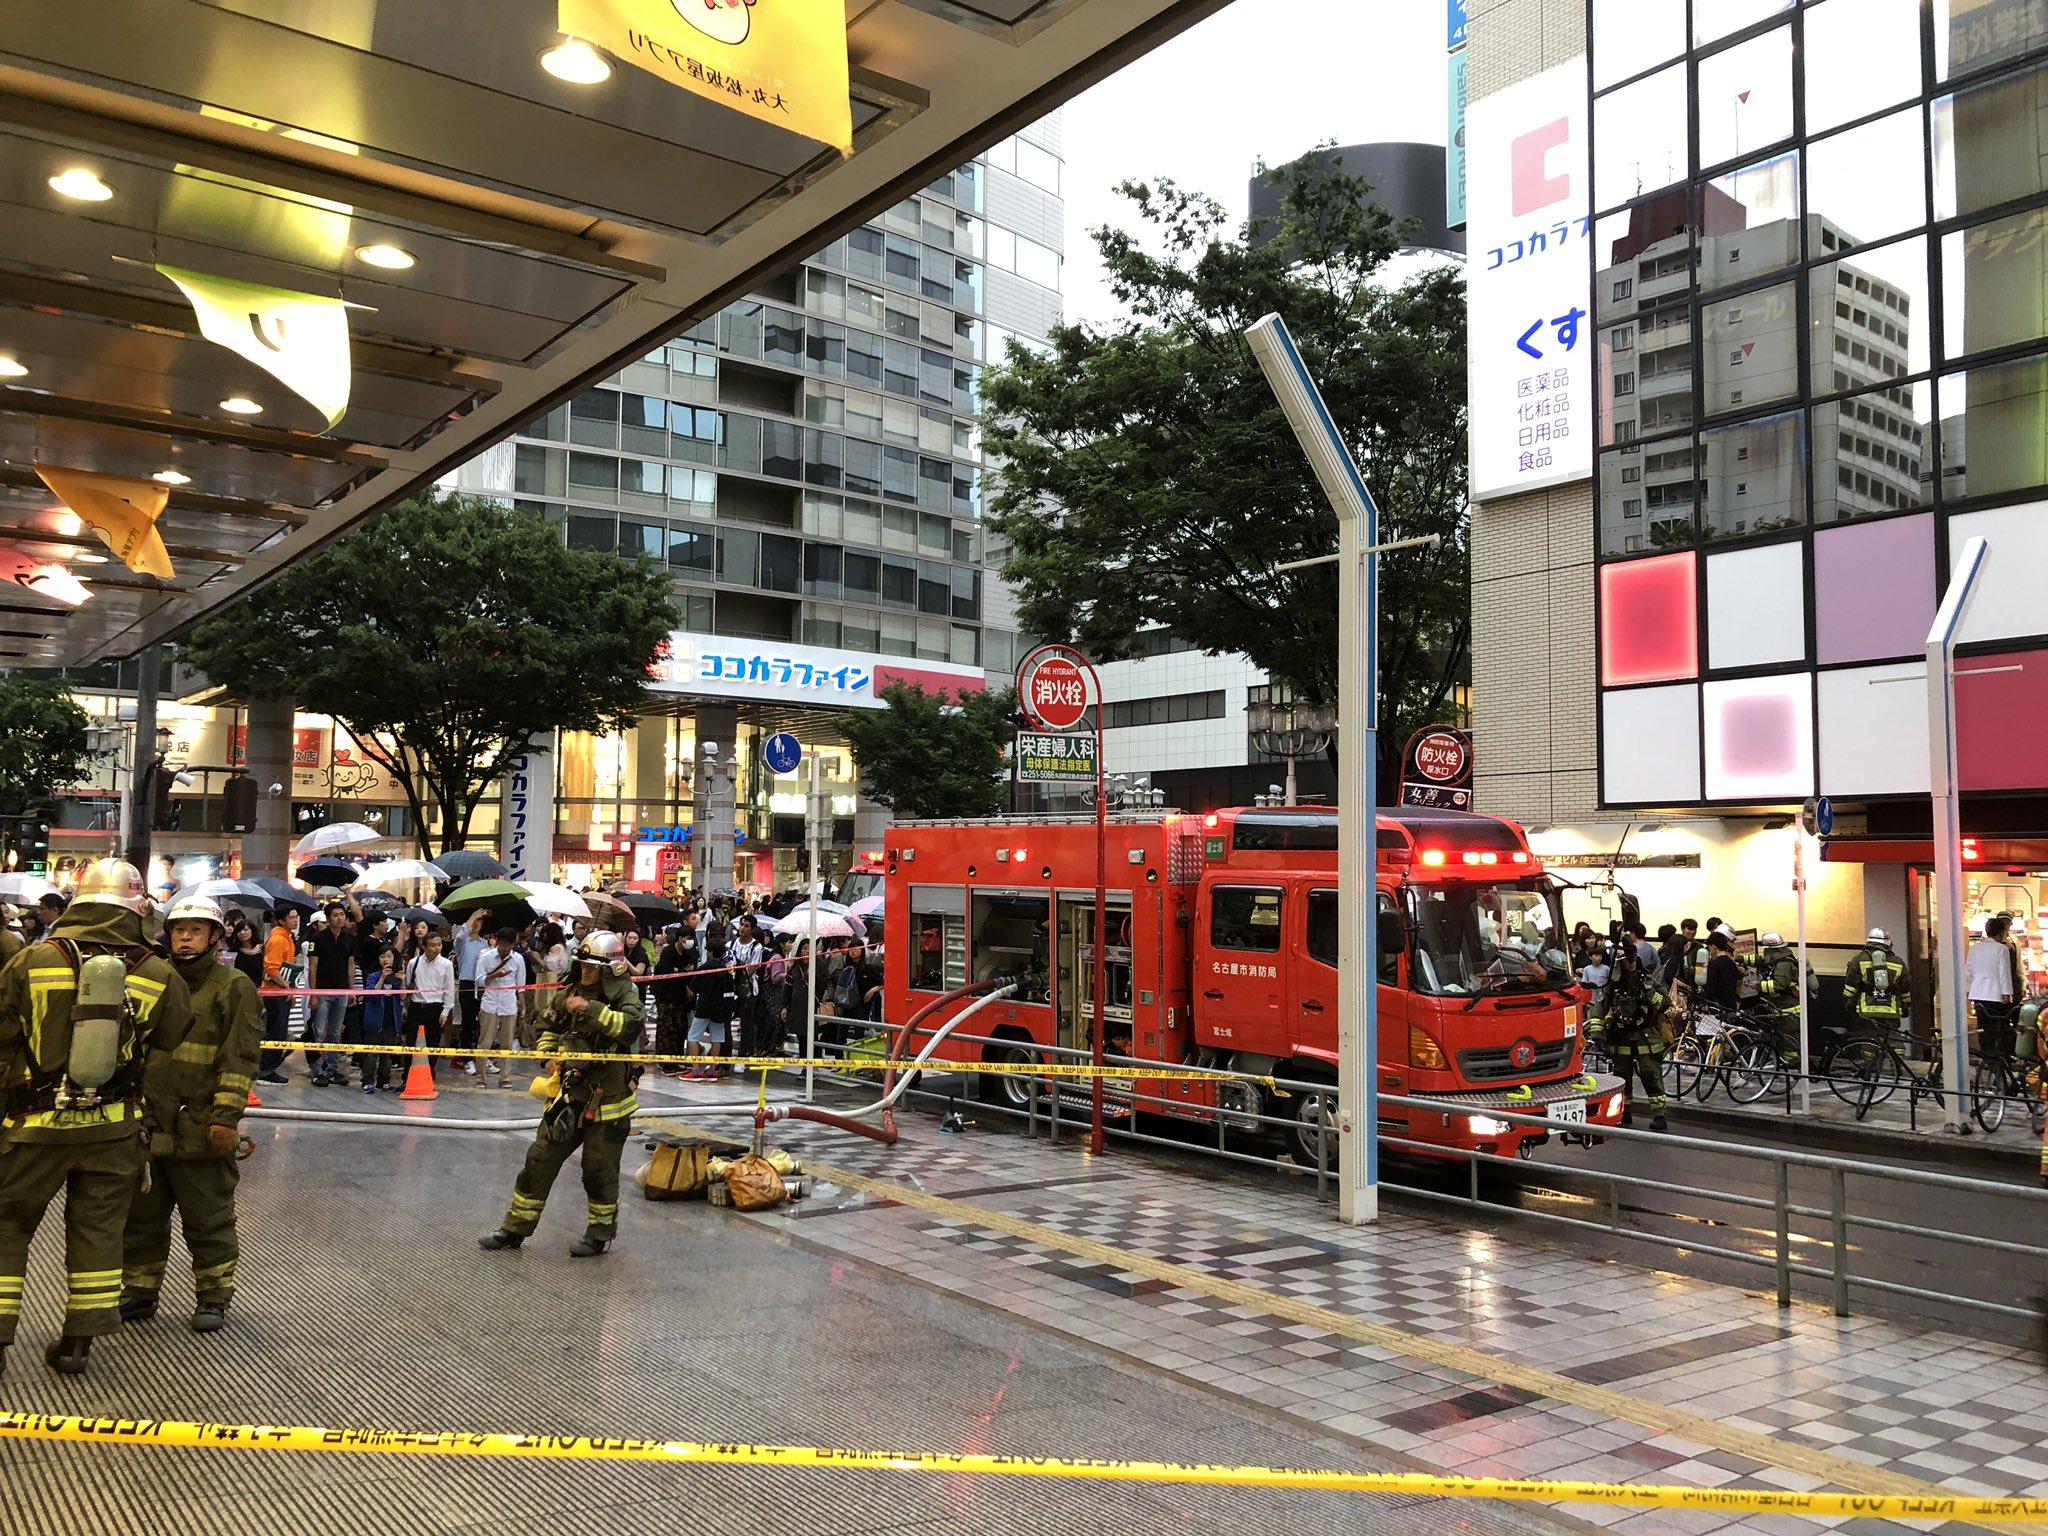 栄の松坂屋名古屋店の地下で火事が起き消防車が集結している画像